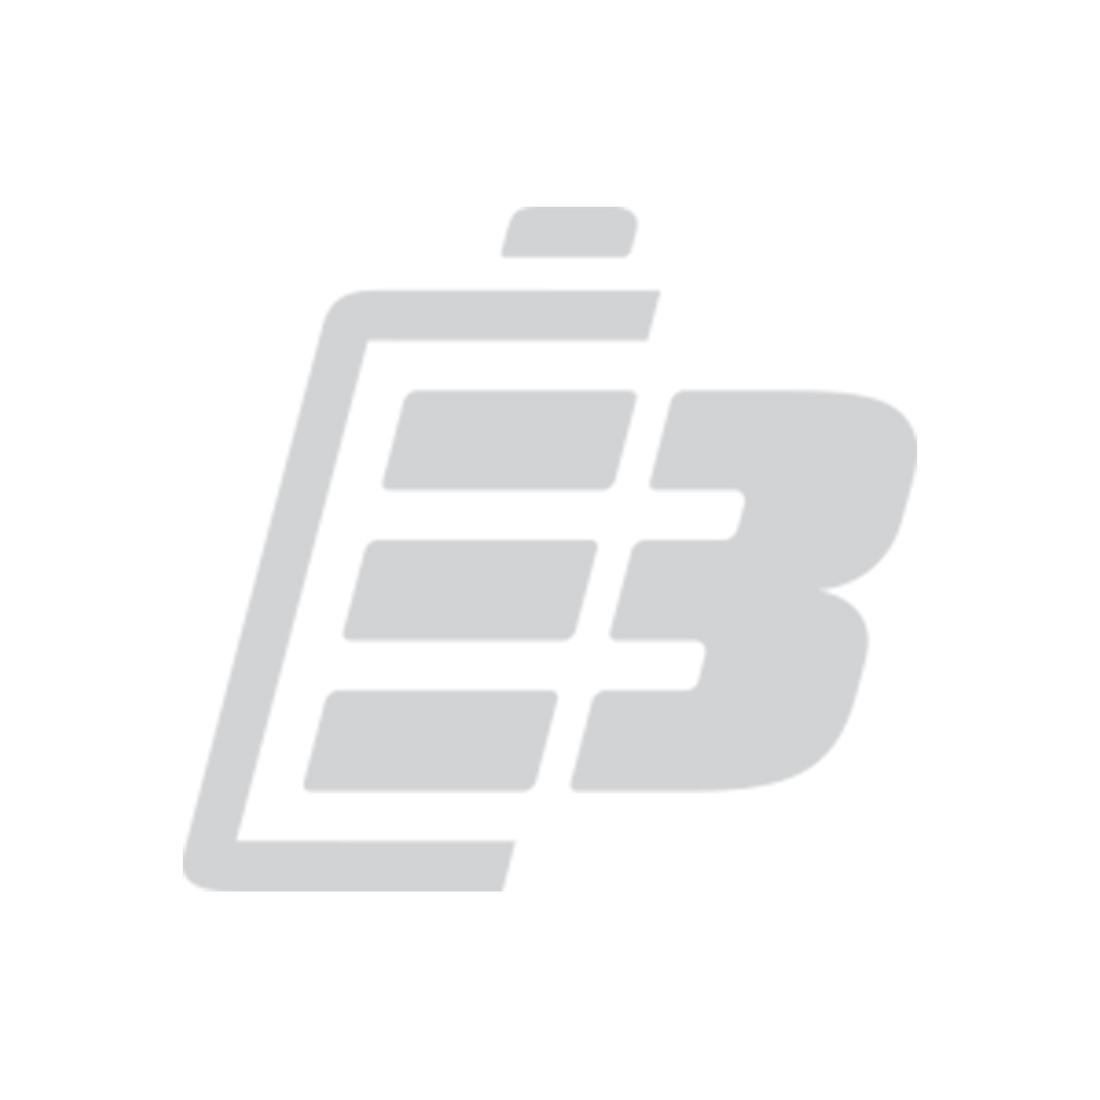 Laptop battery Samsung Ativ Pro_1